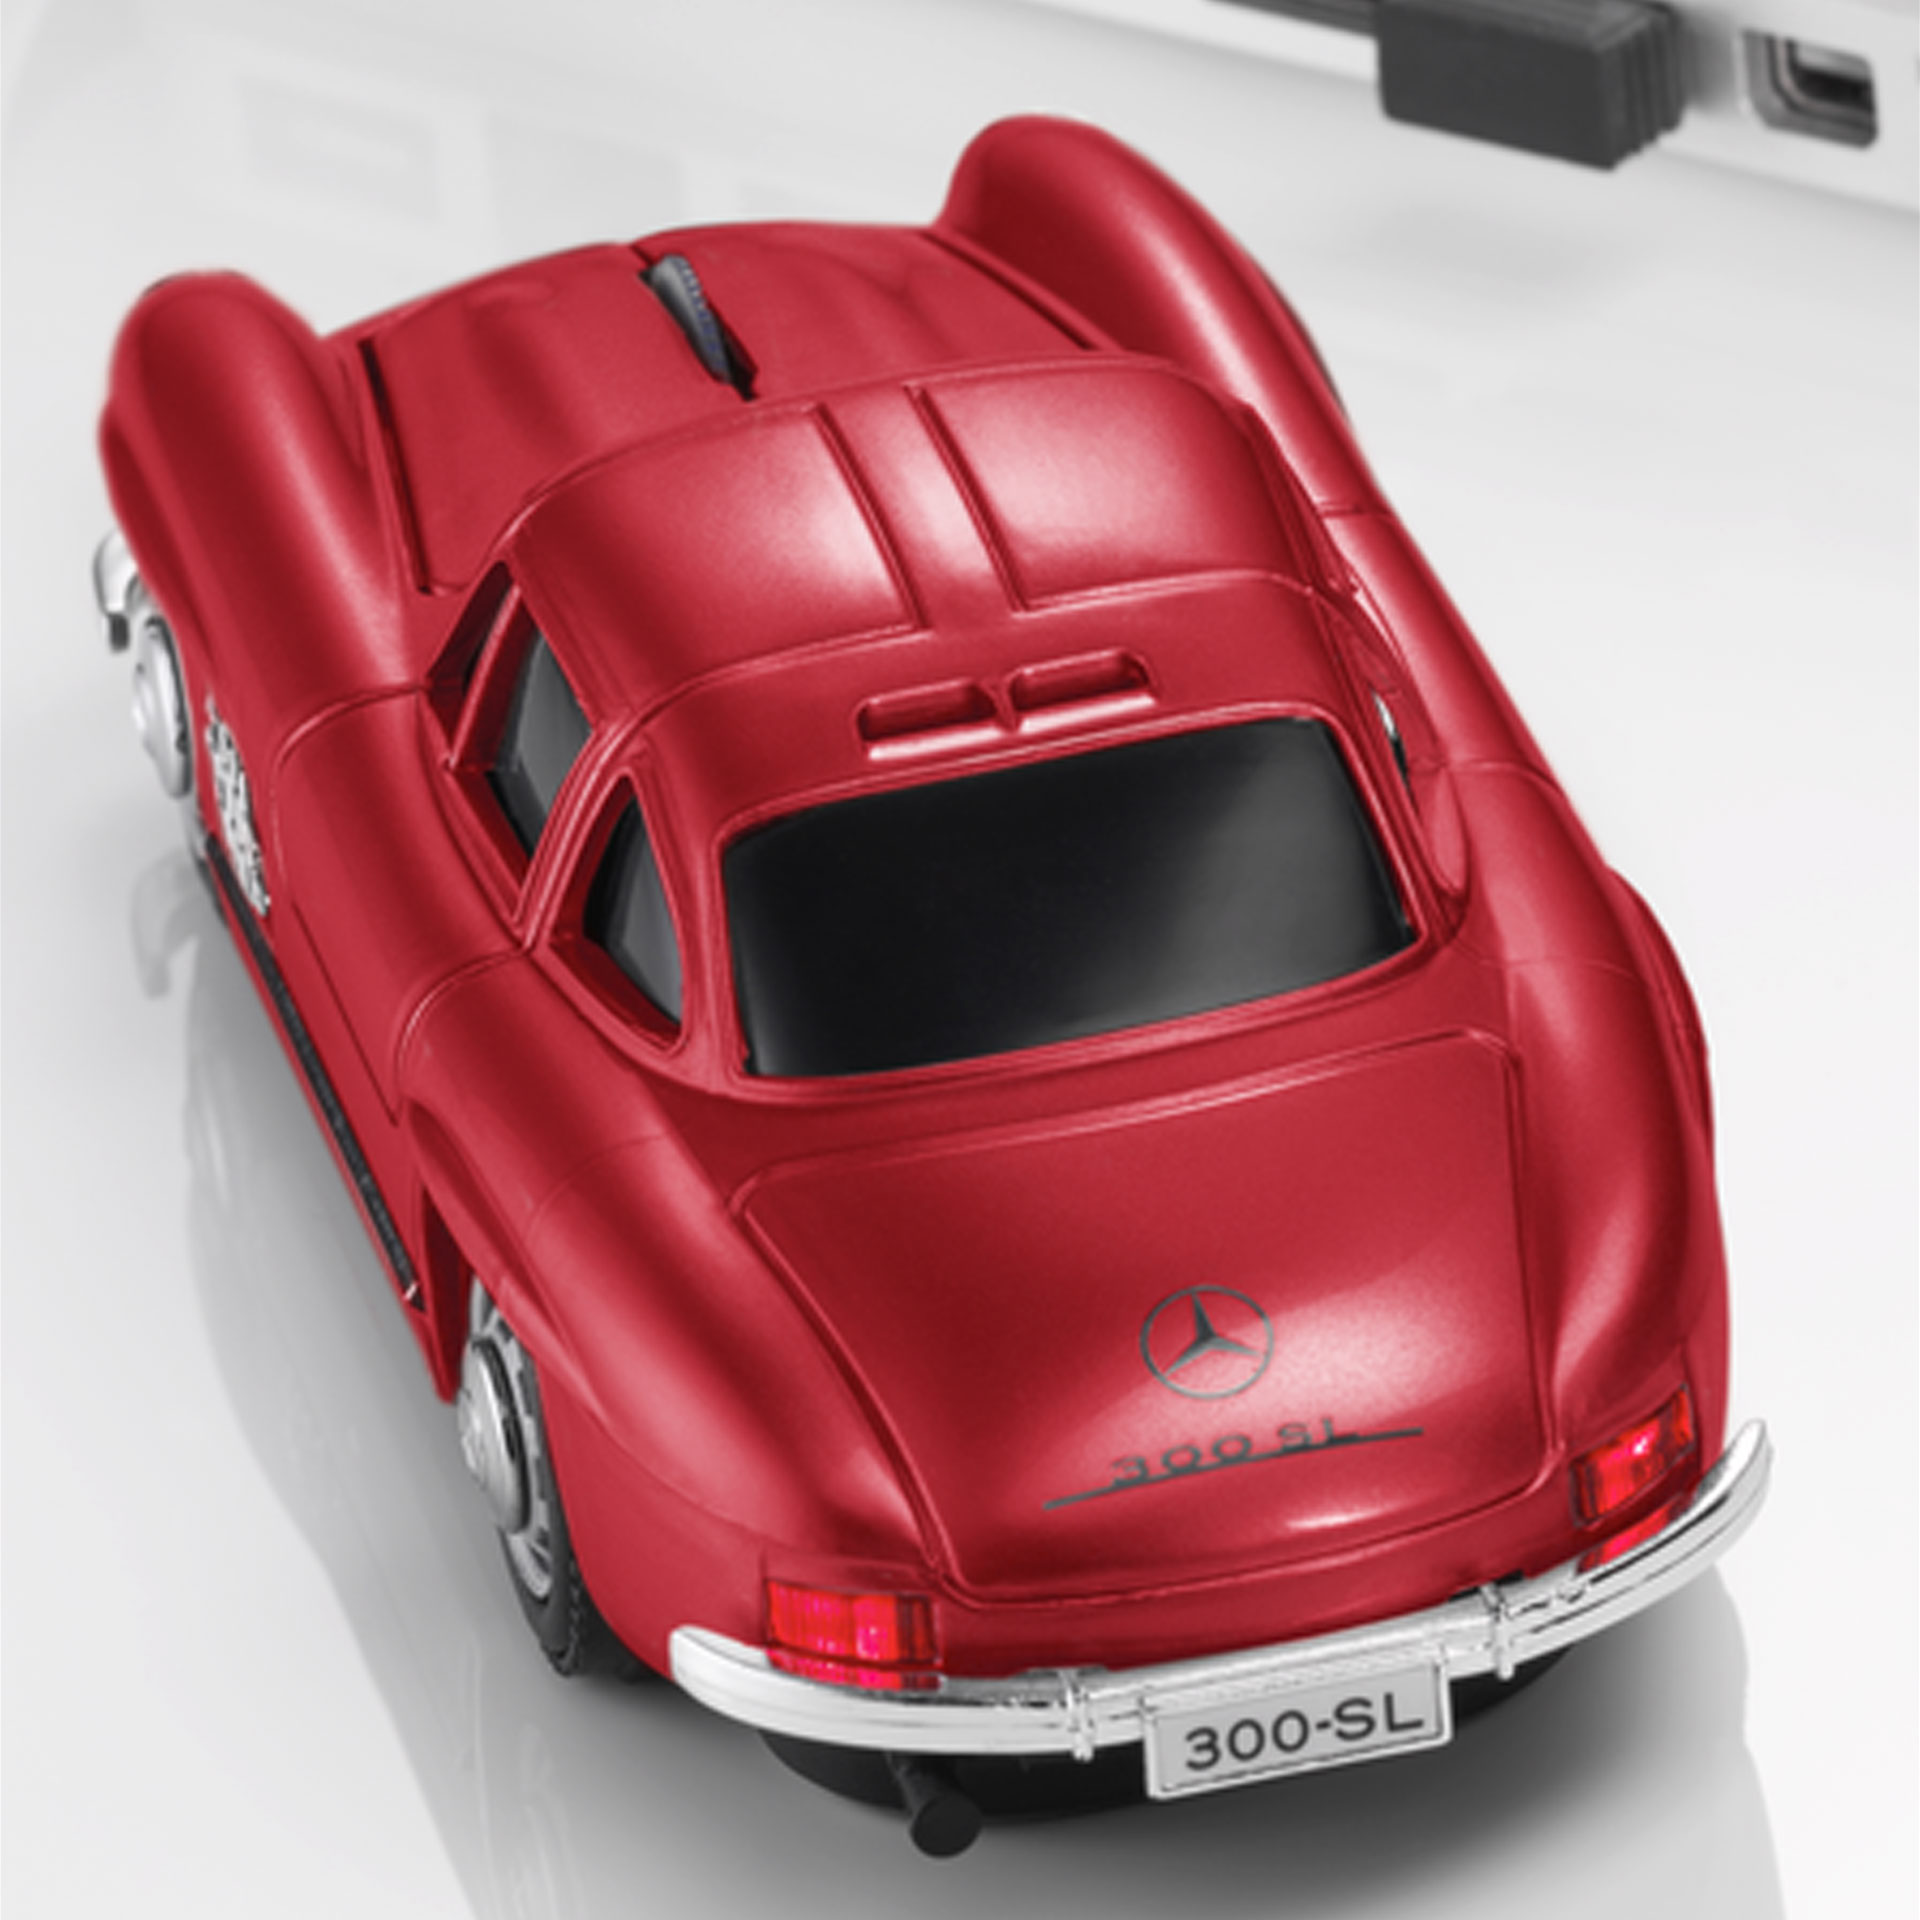 Mercedes-Benz Computermaus 300 SL